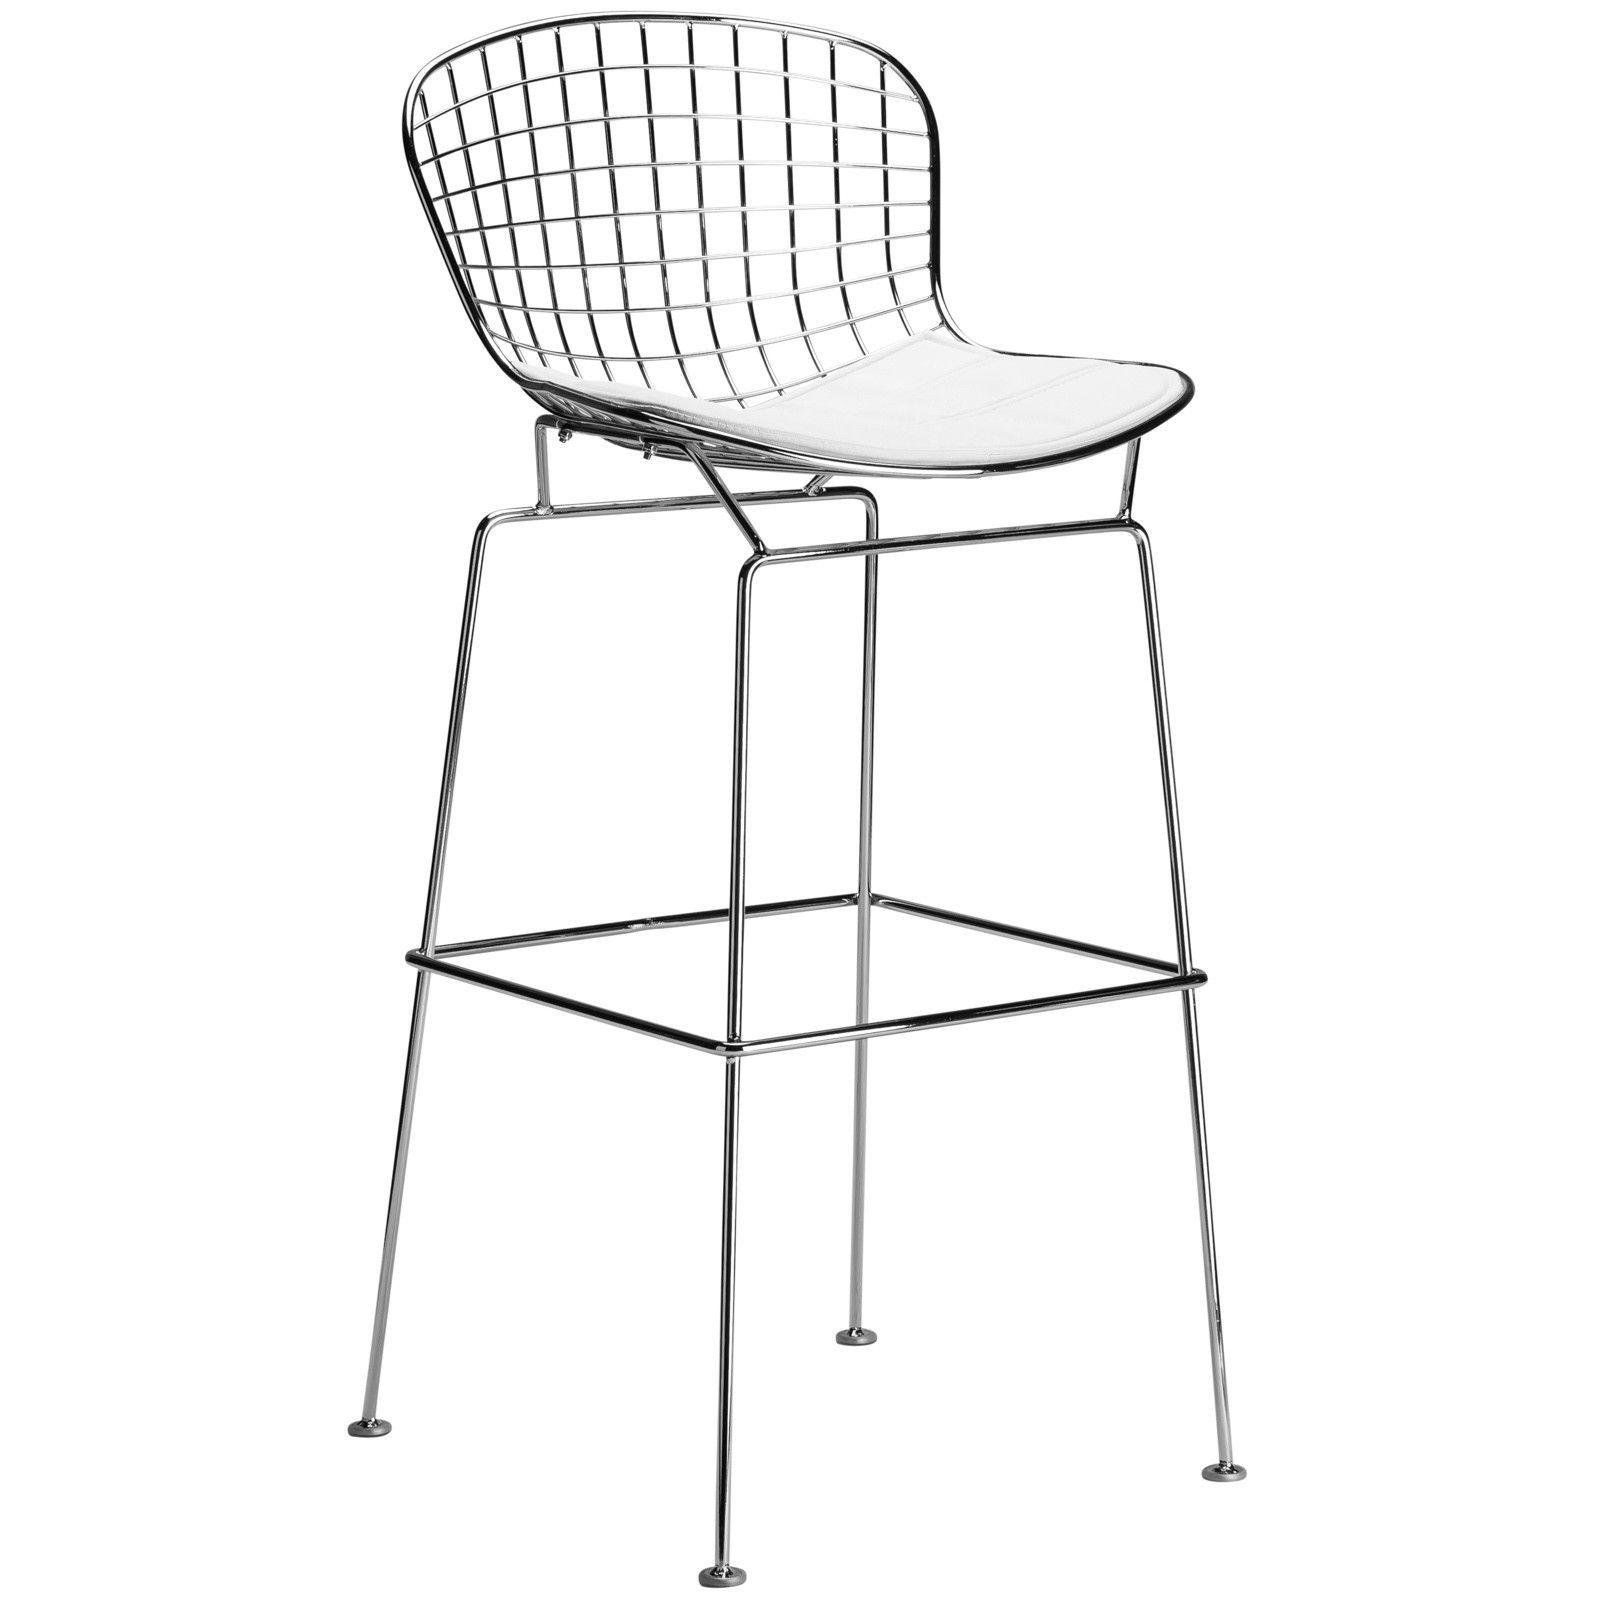 Lanna Furniture Pai Bar Stool Bar Stools Wire Bar Stools Stool